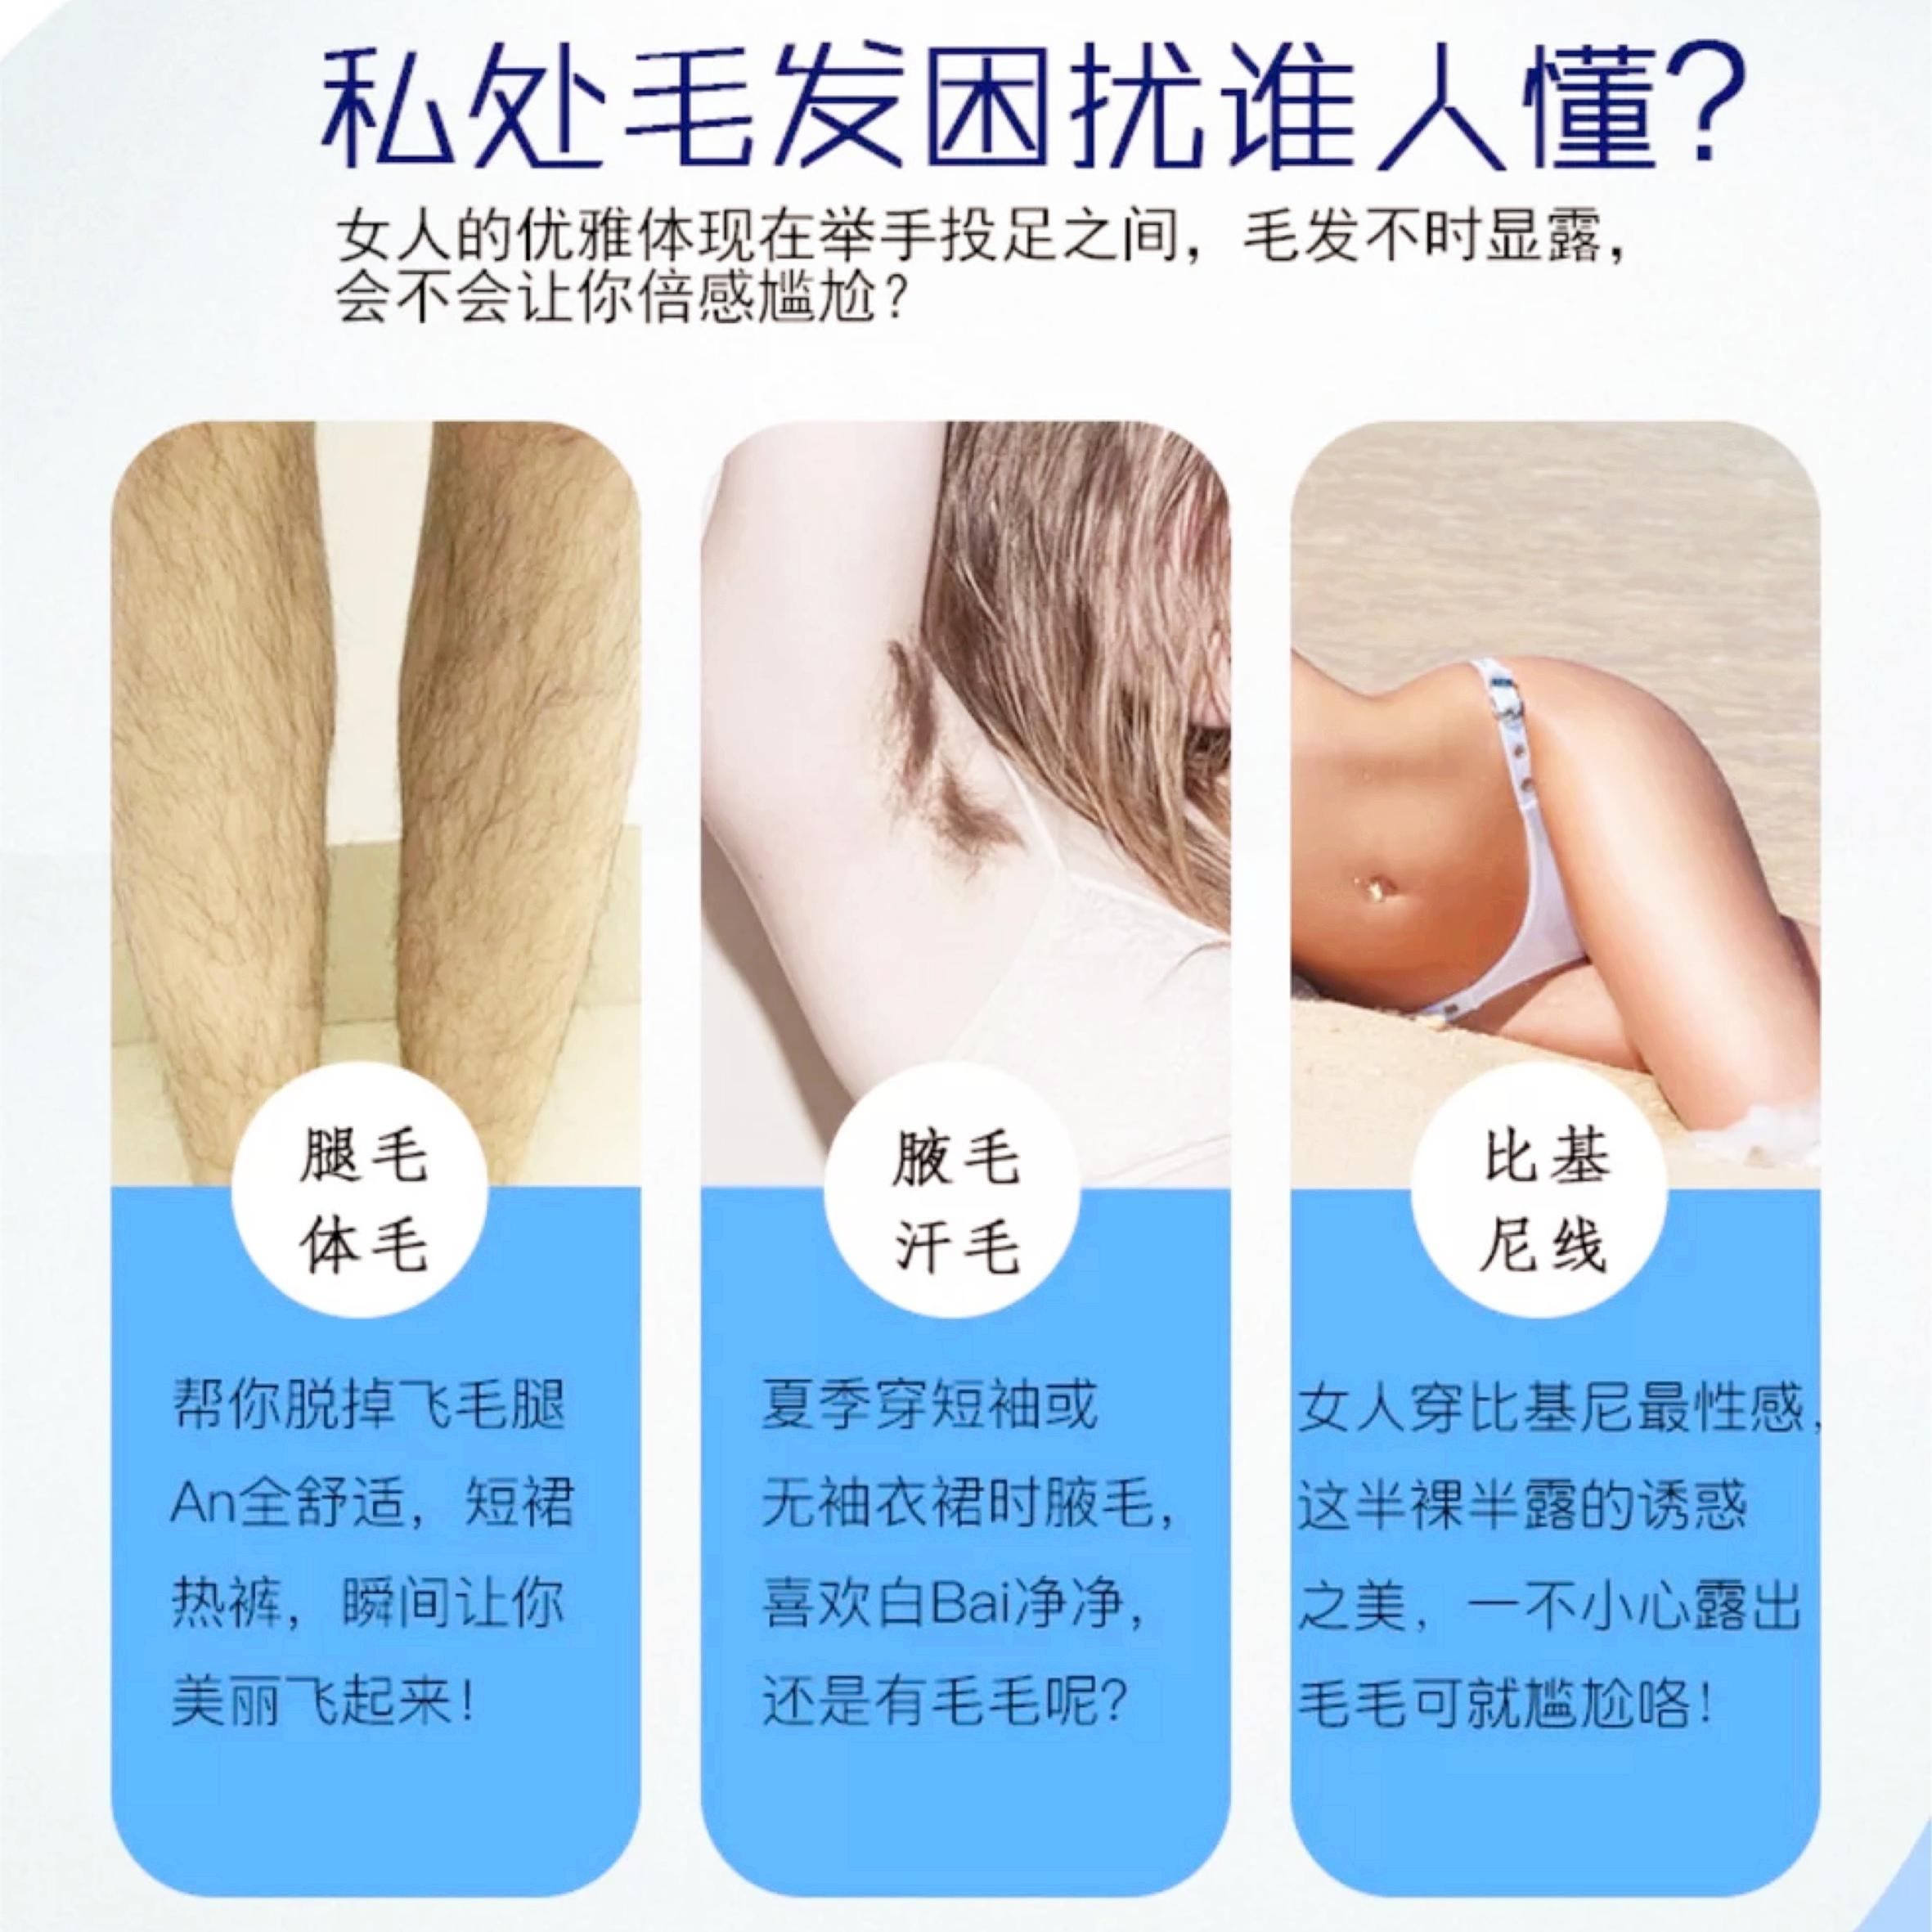 澳洲Nair脱毛膏快速温和脸部全身私处腋下手腿脚学生孕妇可用75g